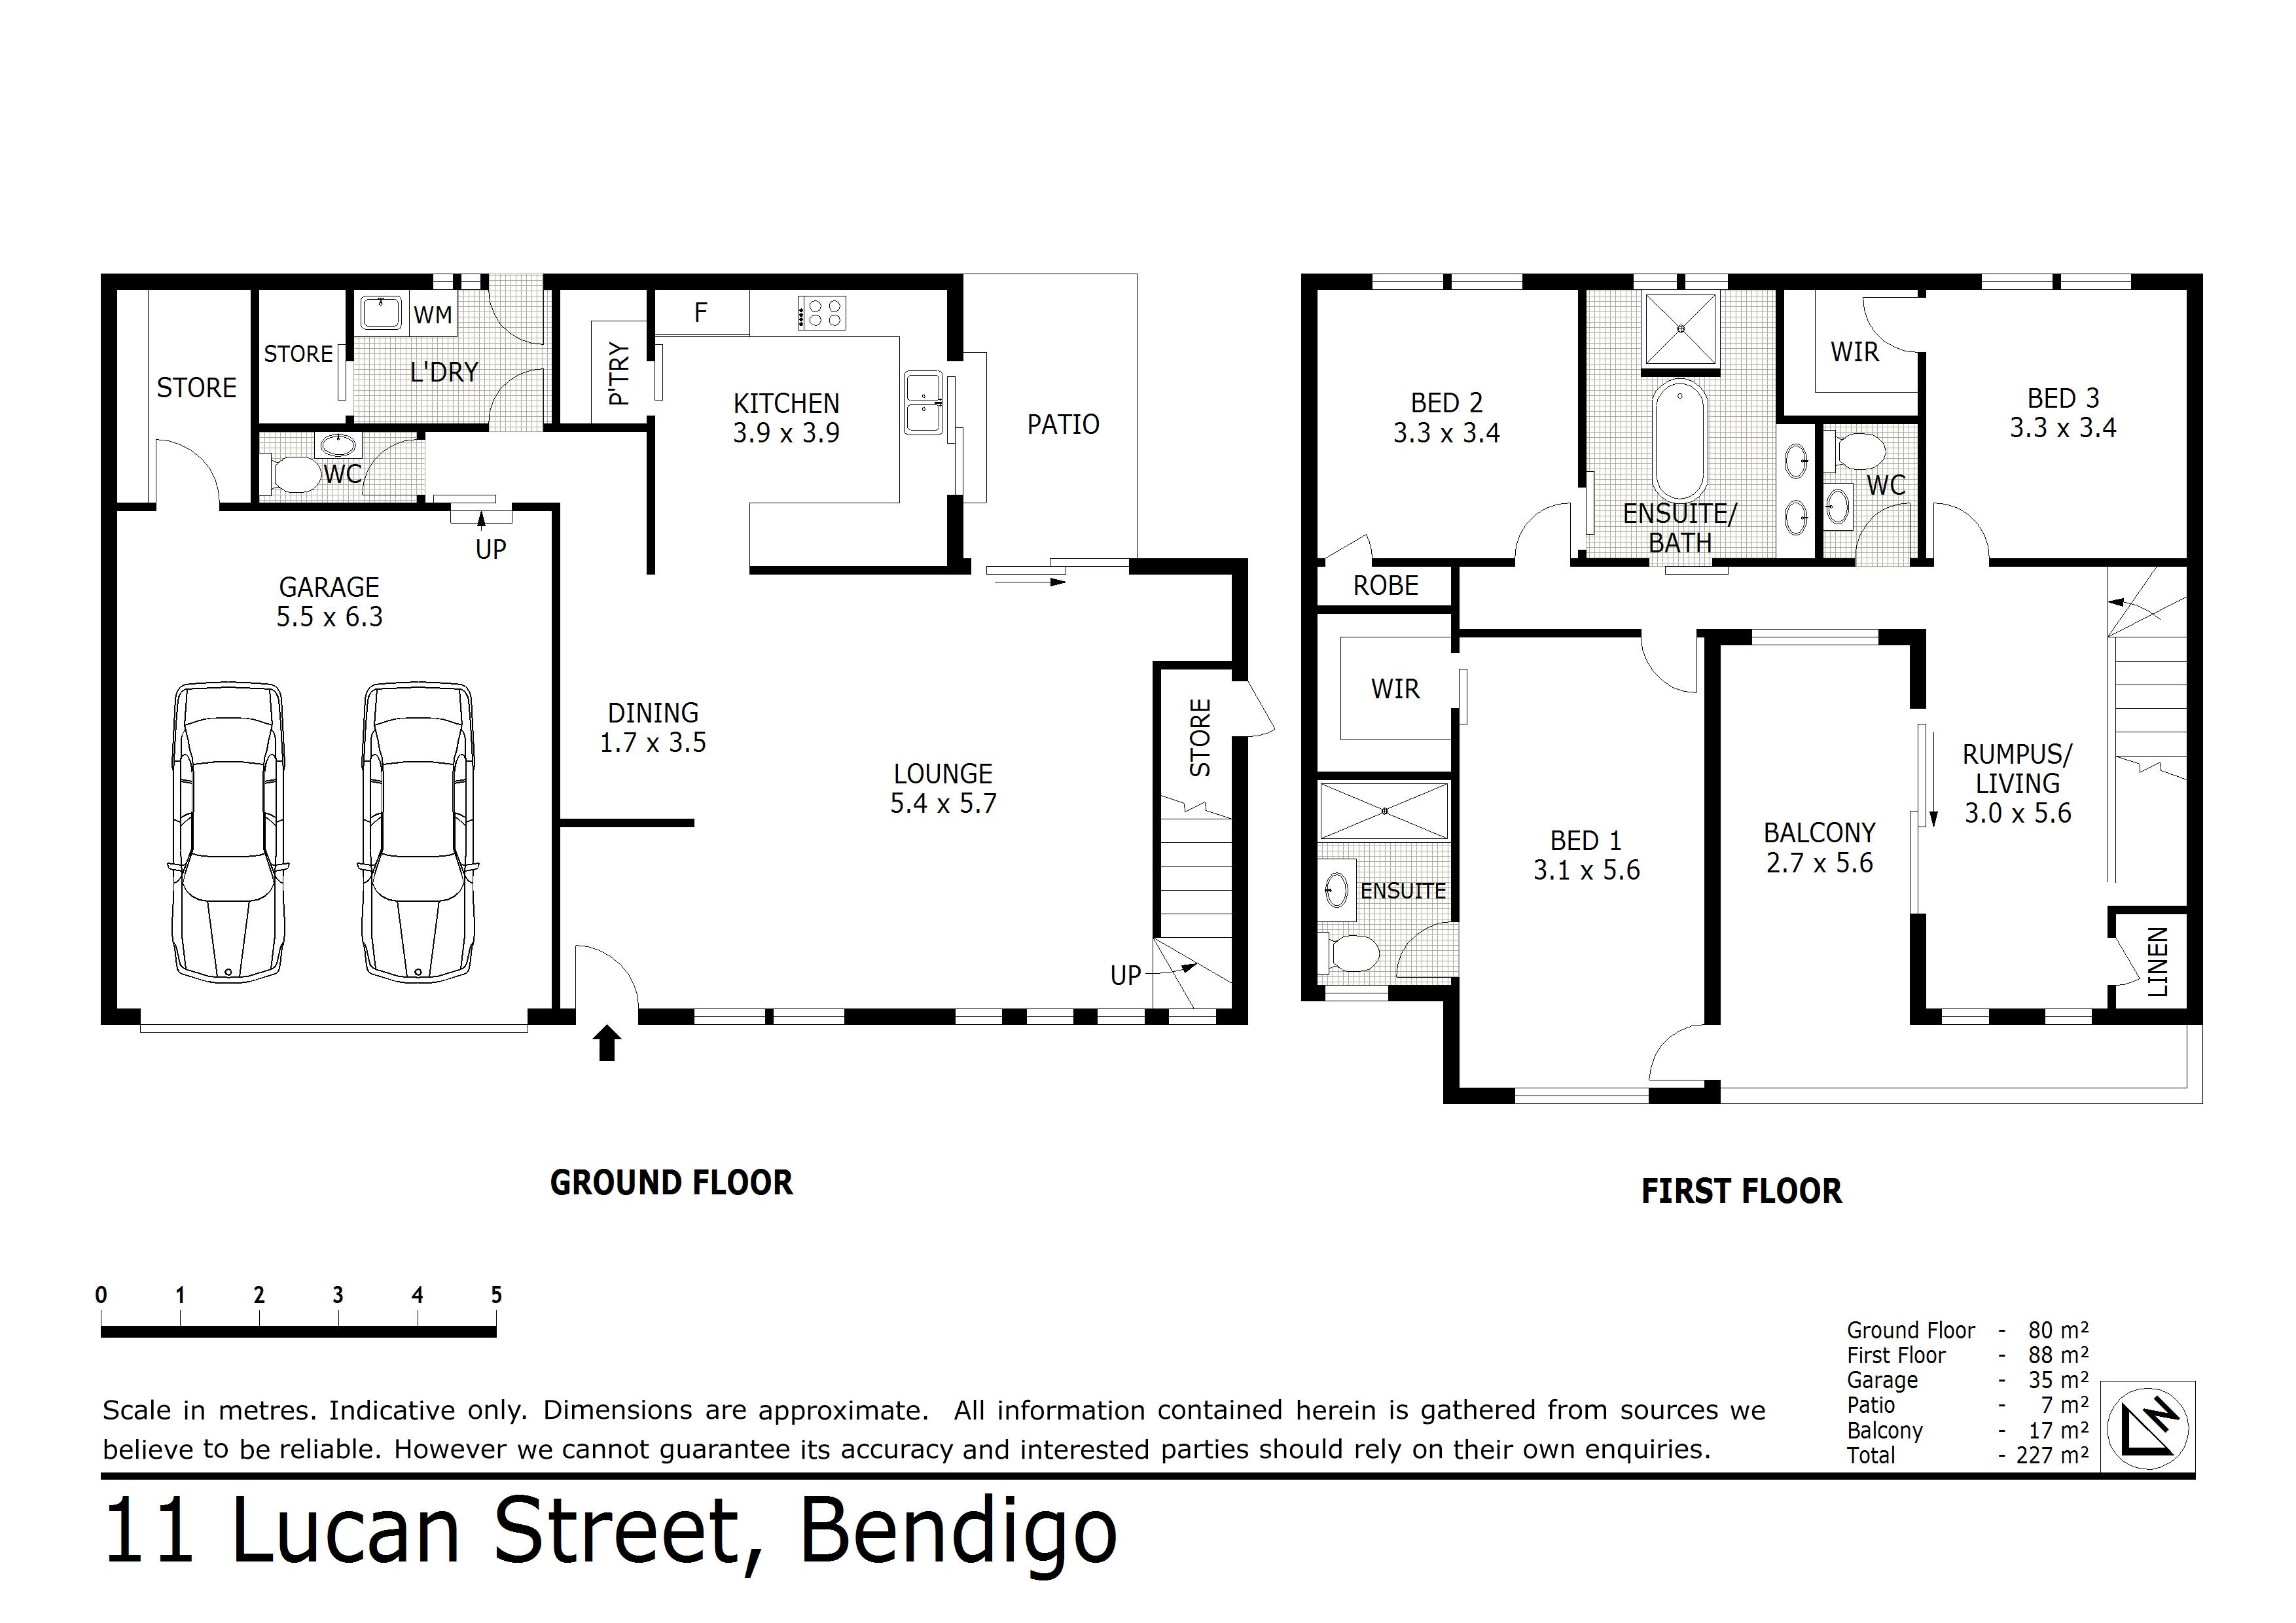 11 Lucan Street, Bendigo, VIC 3550